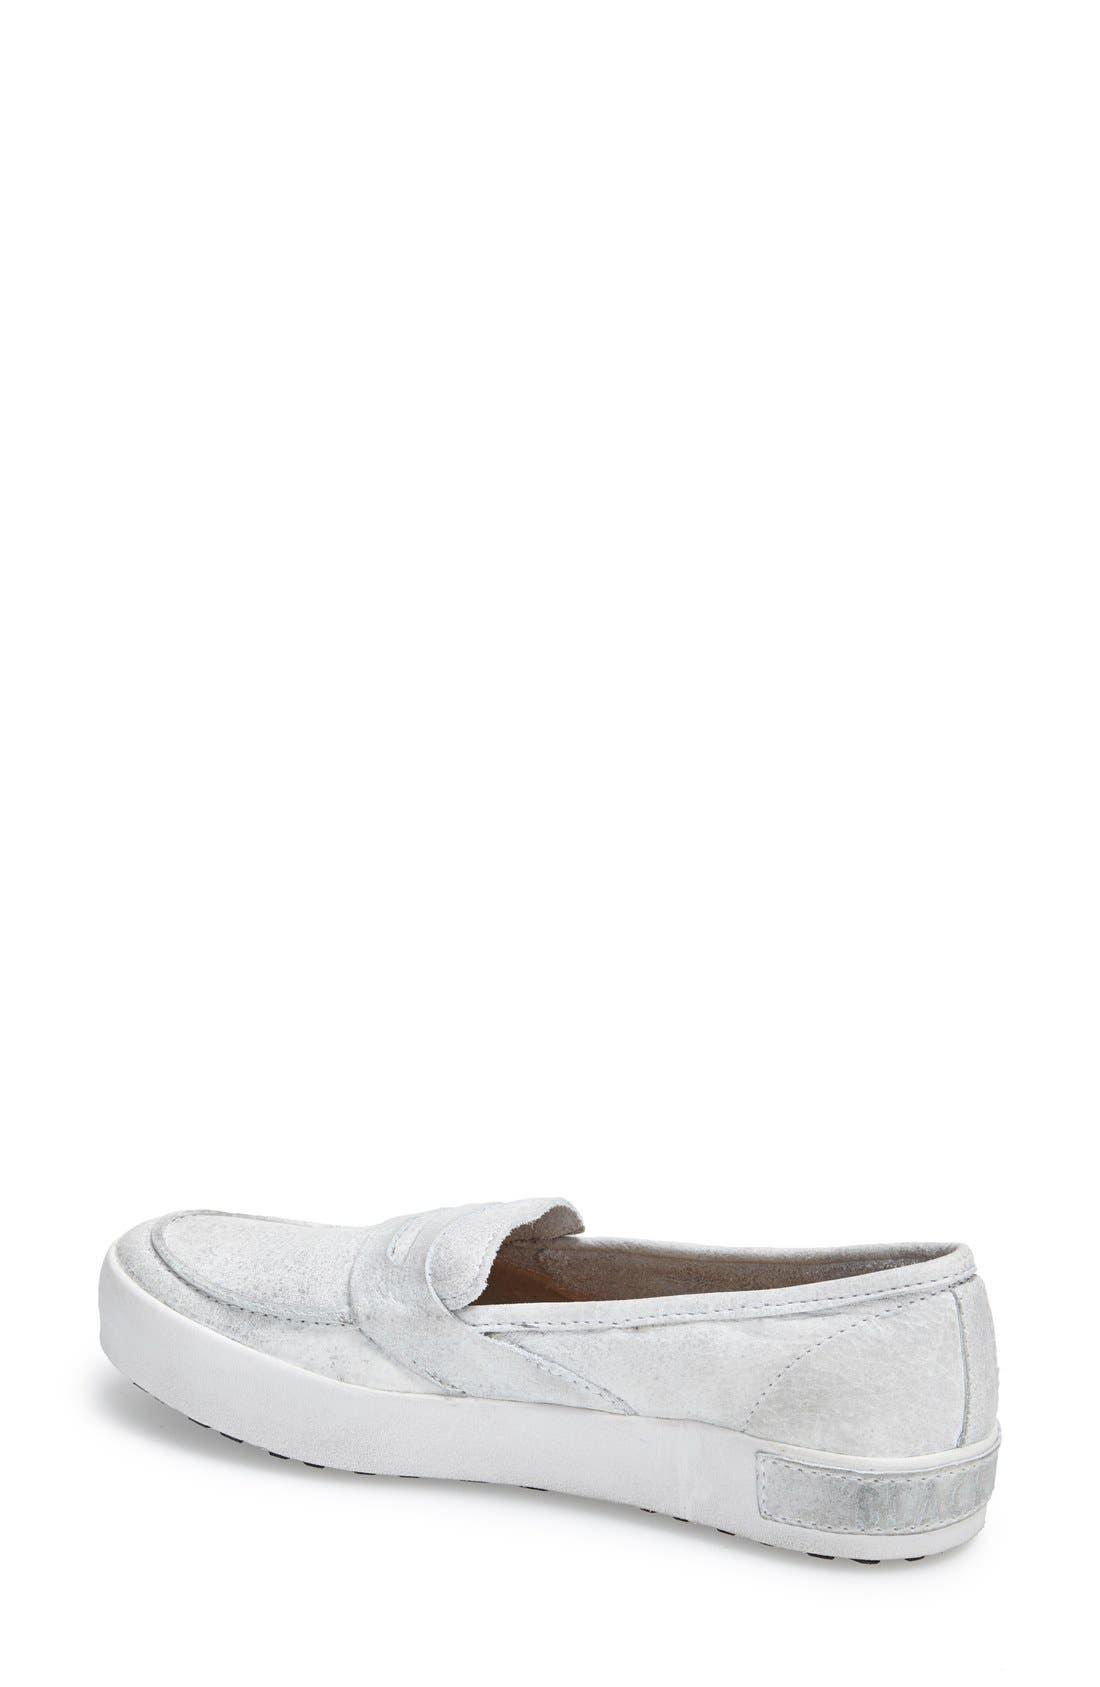 'JL23' Slip-On Sneaker,                             Alternate thumbnail 6, color,